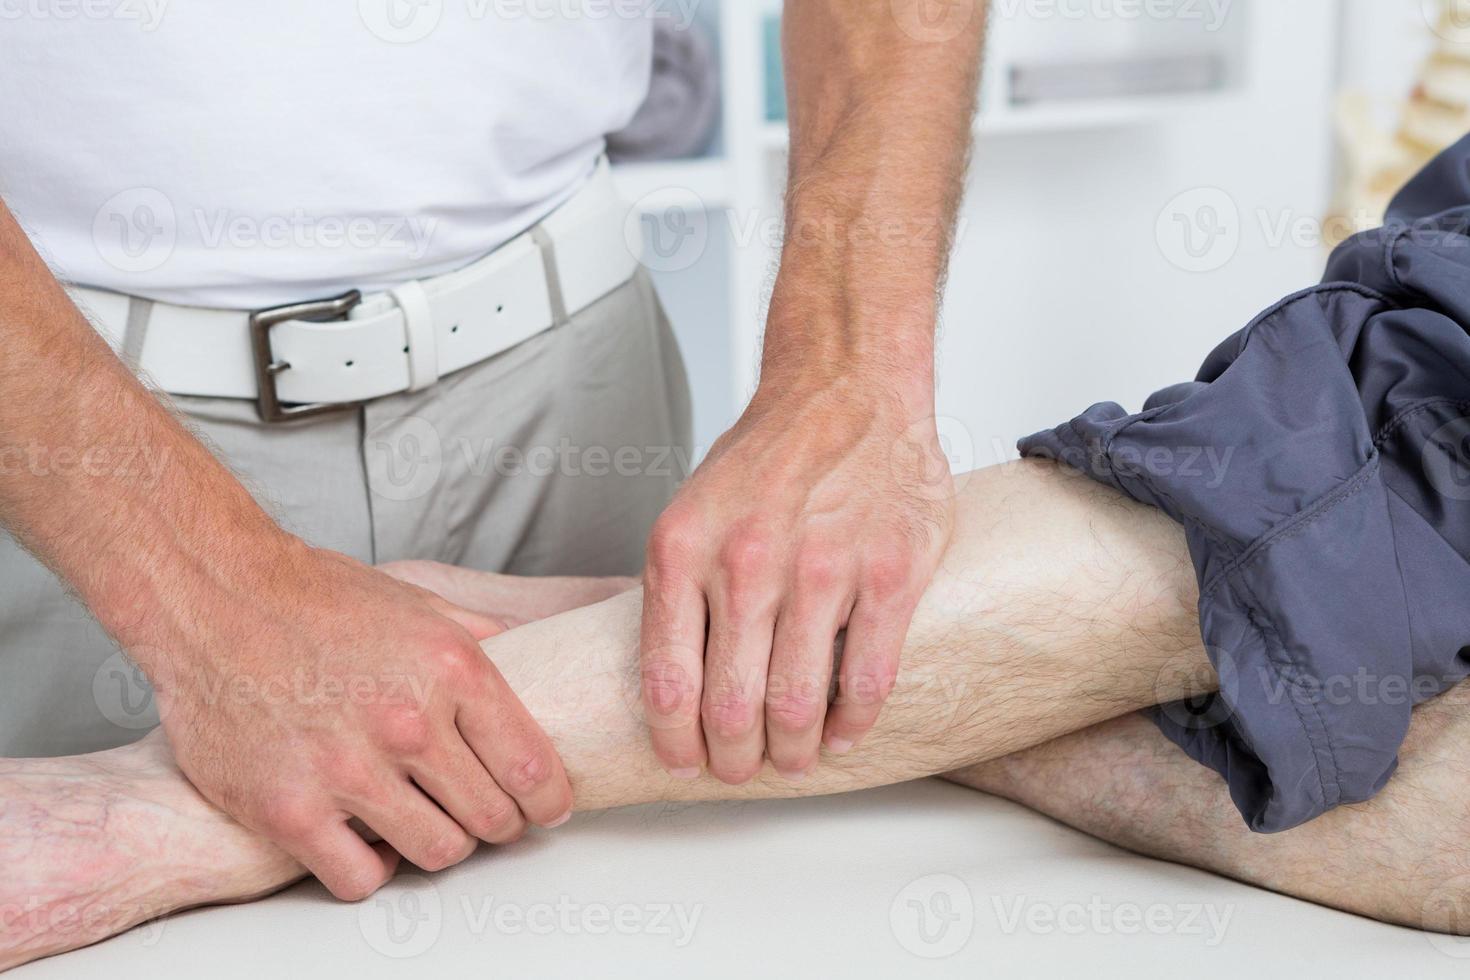 fysiotherapeut die beenmassage doet aan zijn patiënt foto